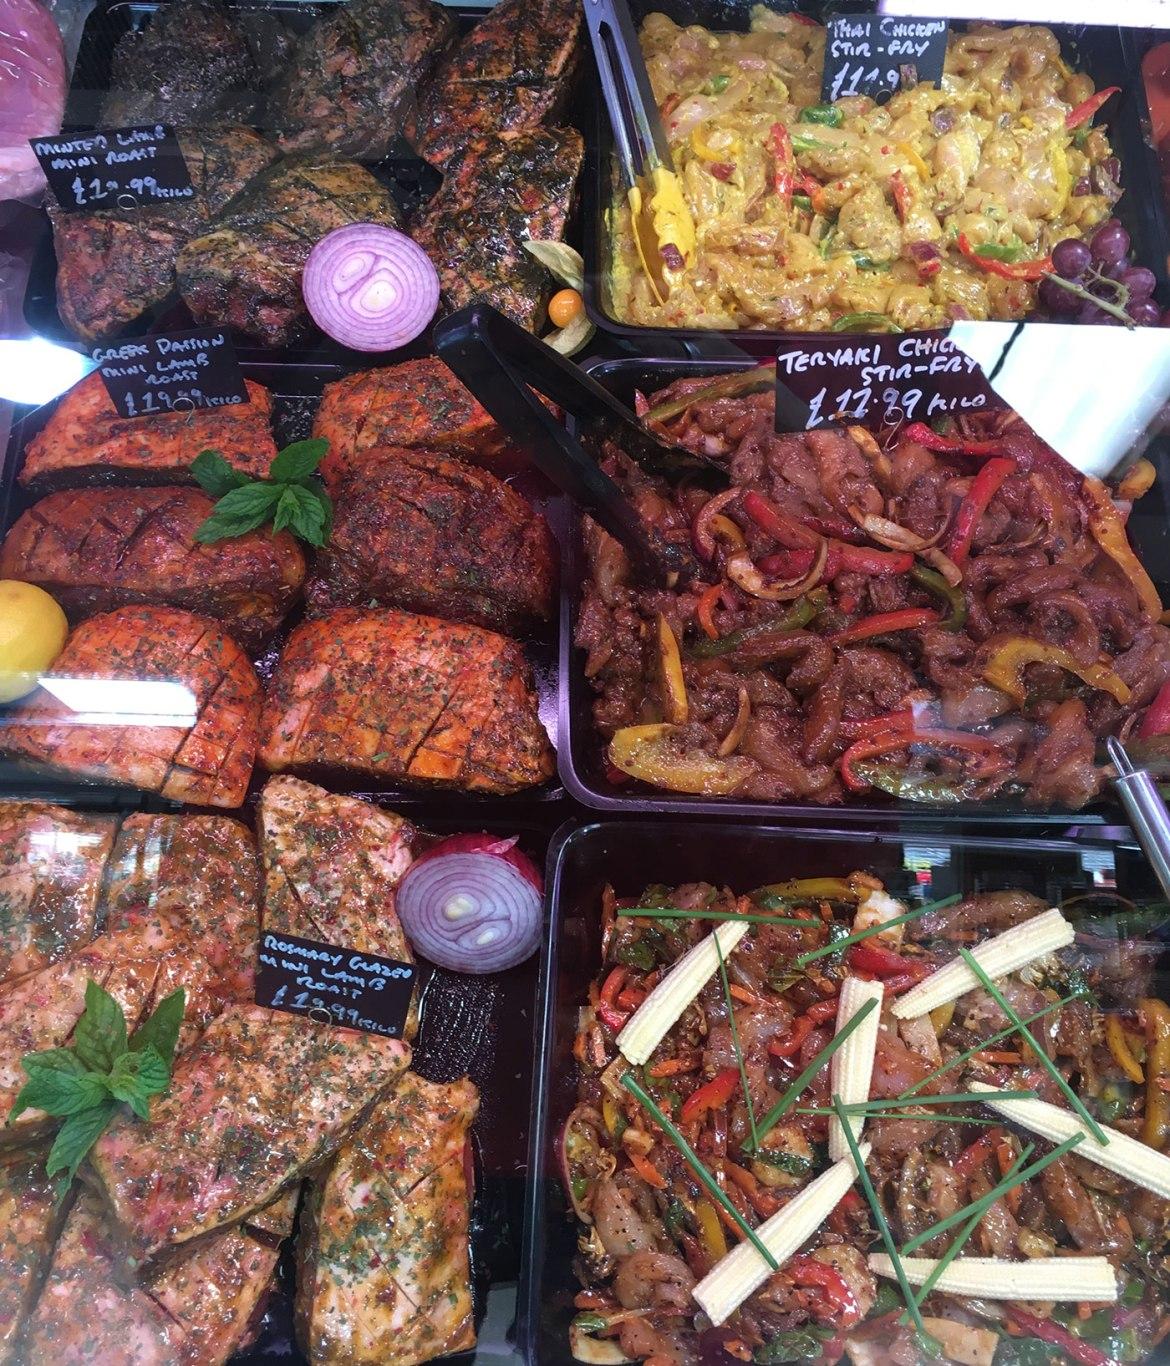 Lafiness Mediterranean Lamb Roasts and Lafiness Black Garlic Stir Fry